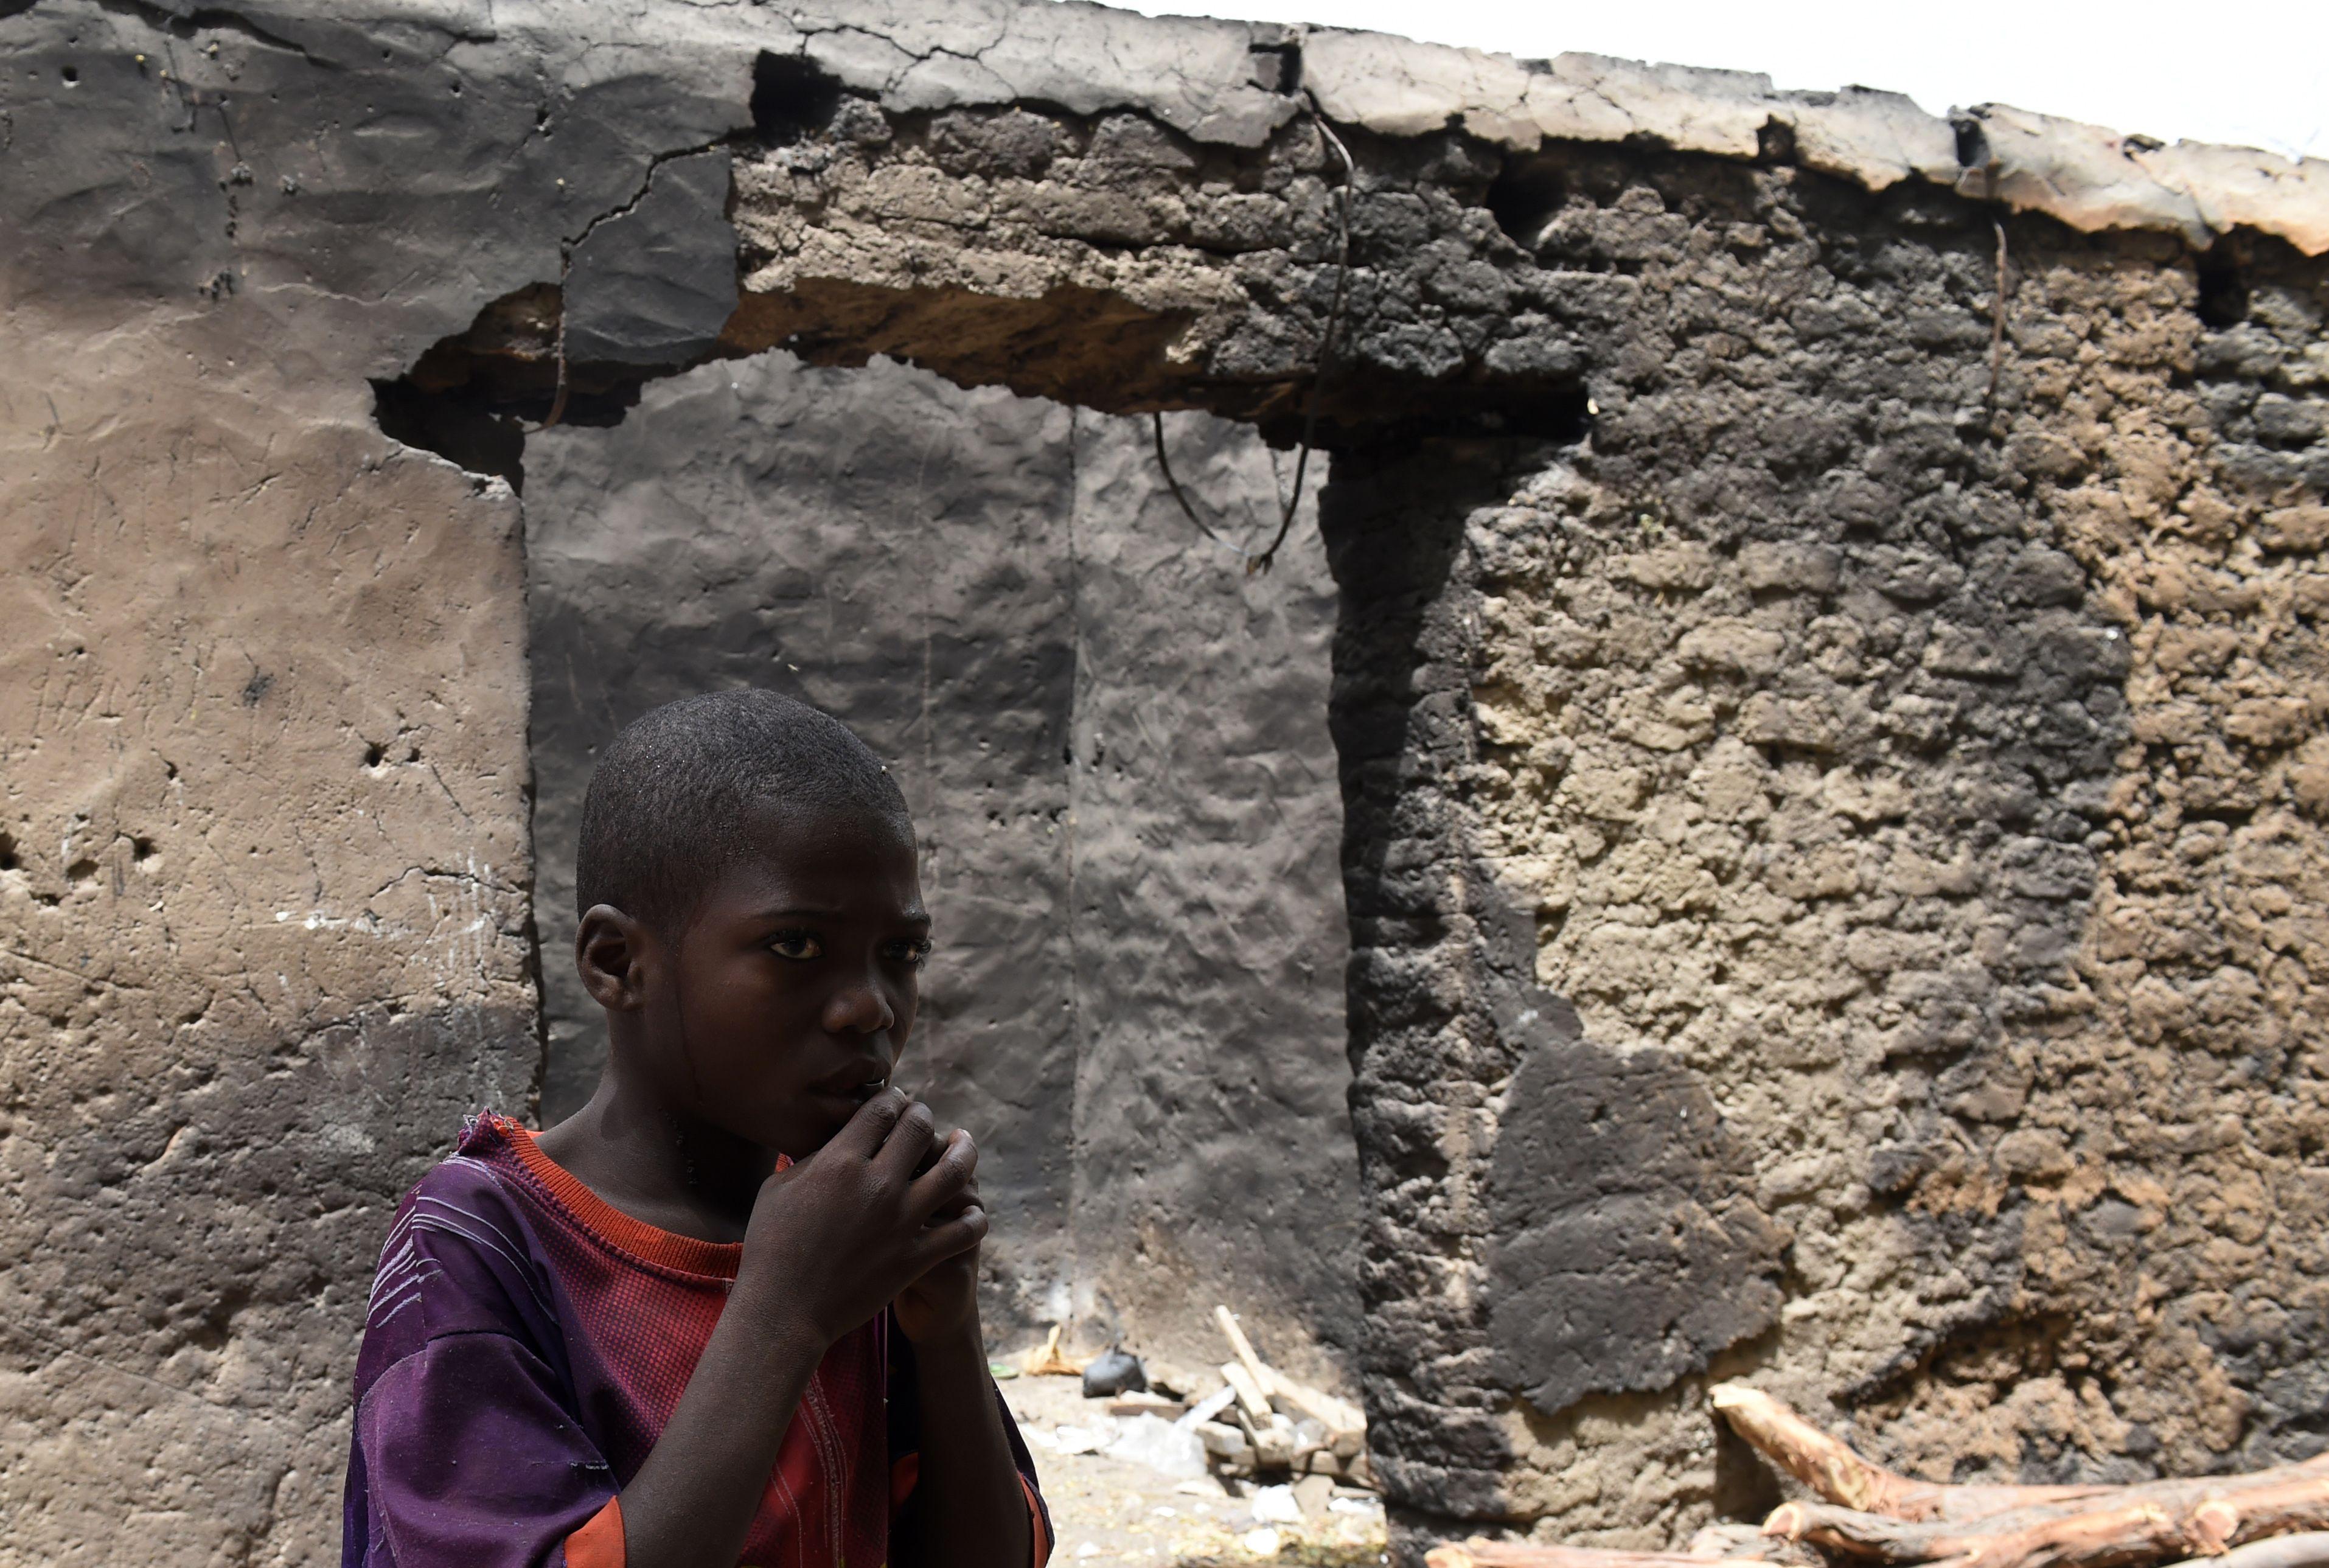 Crianças são vítimas do conflito com o grupo terrorista / Philippe Desmazes/AFP